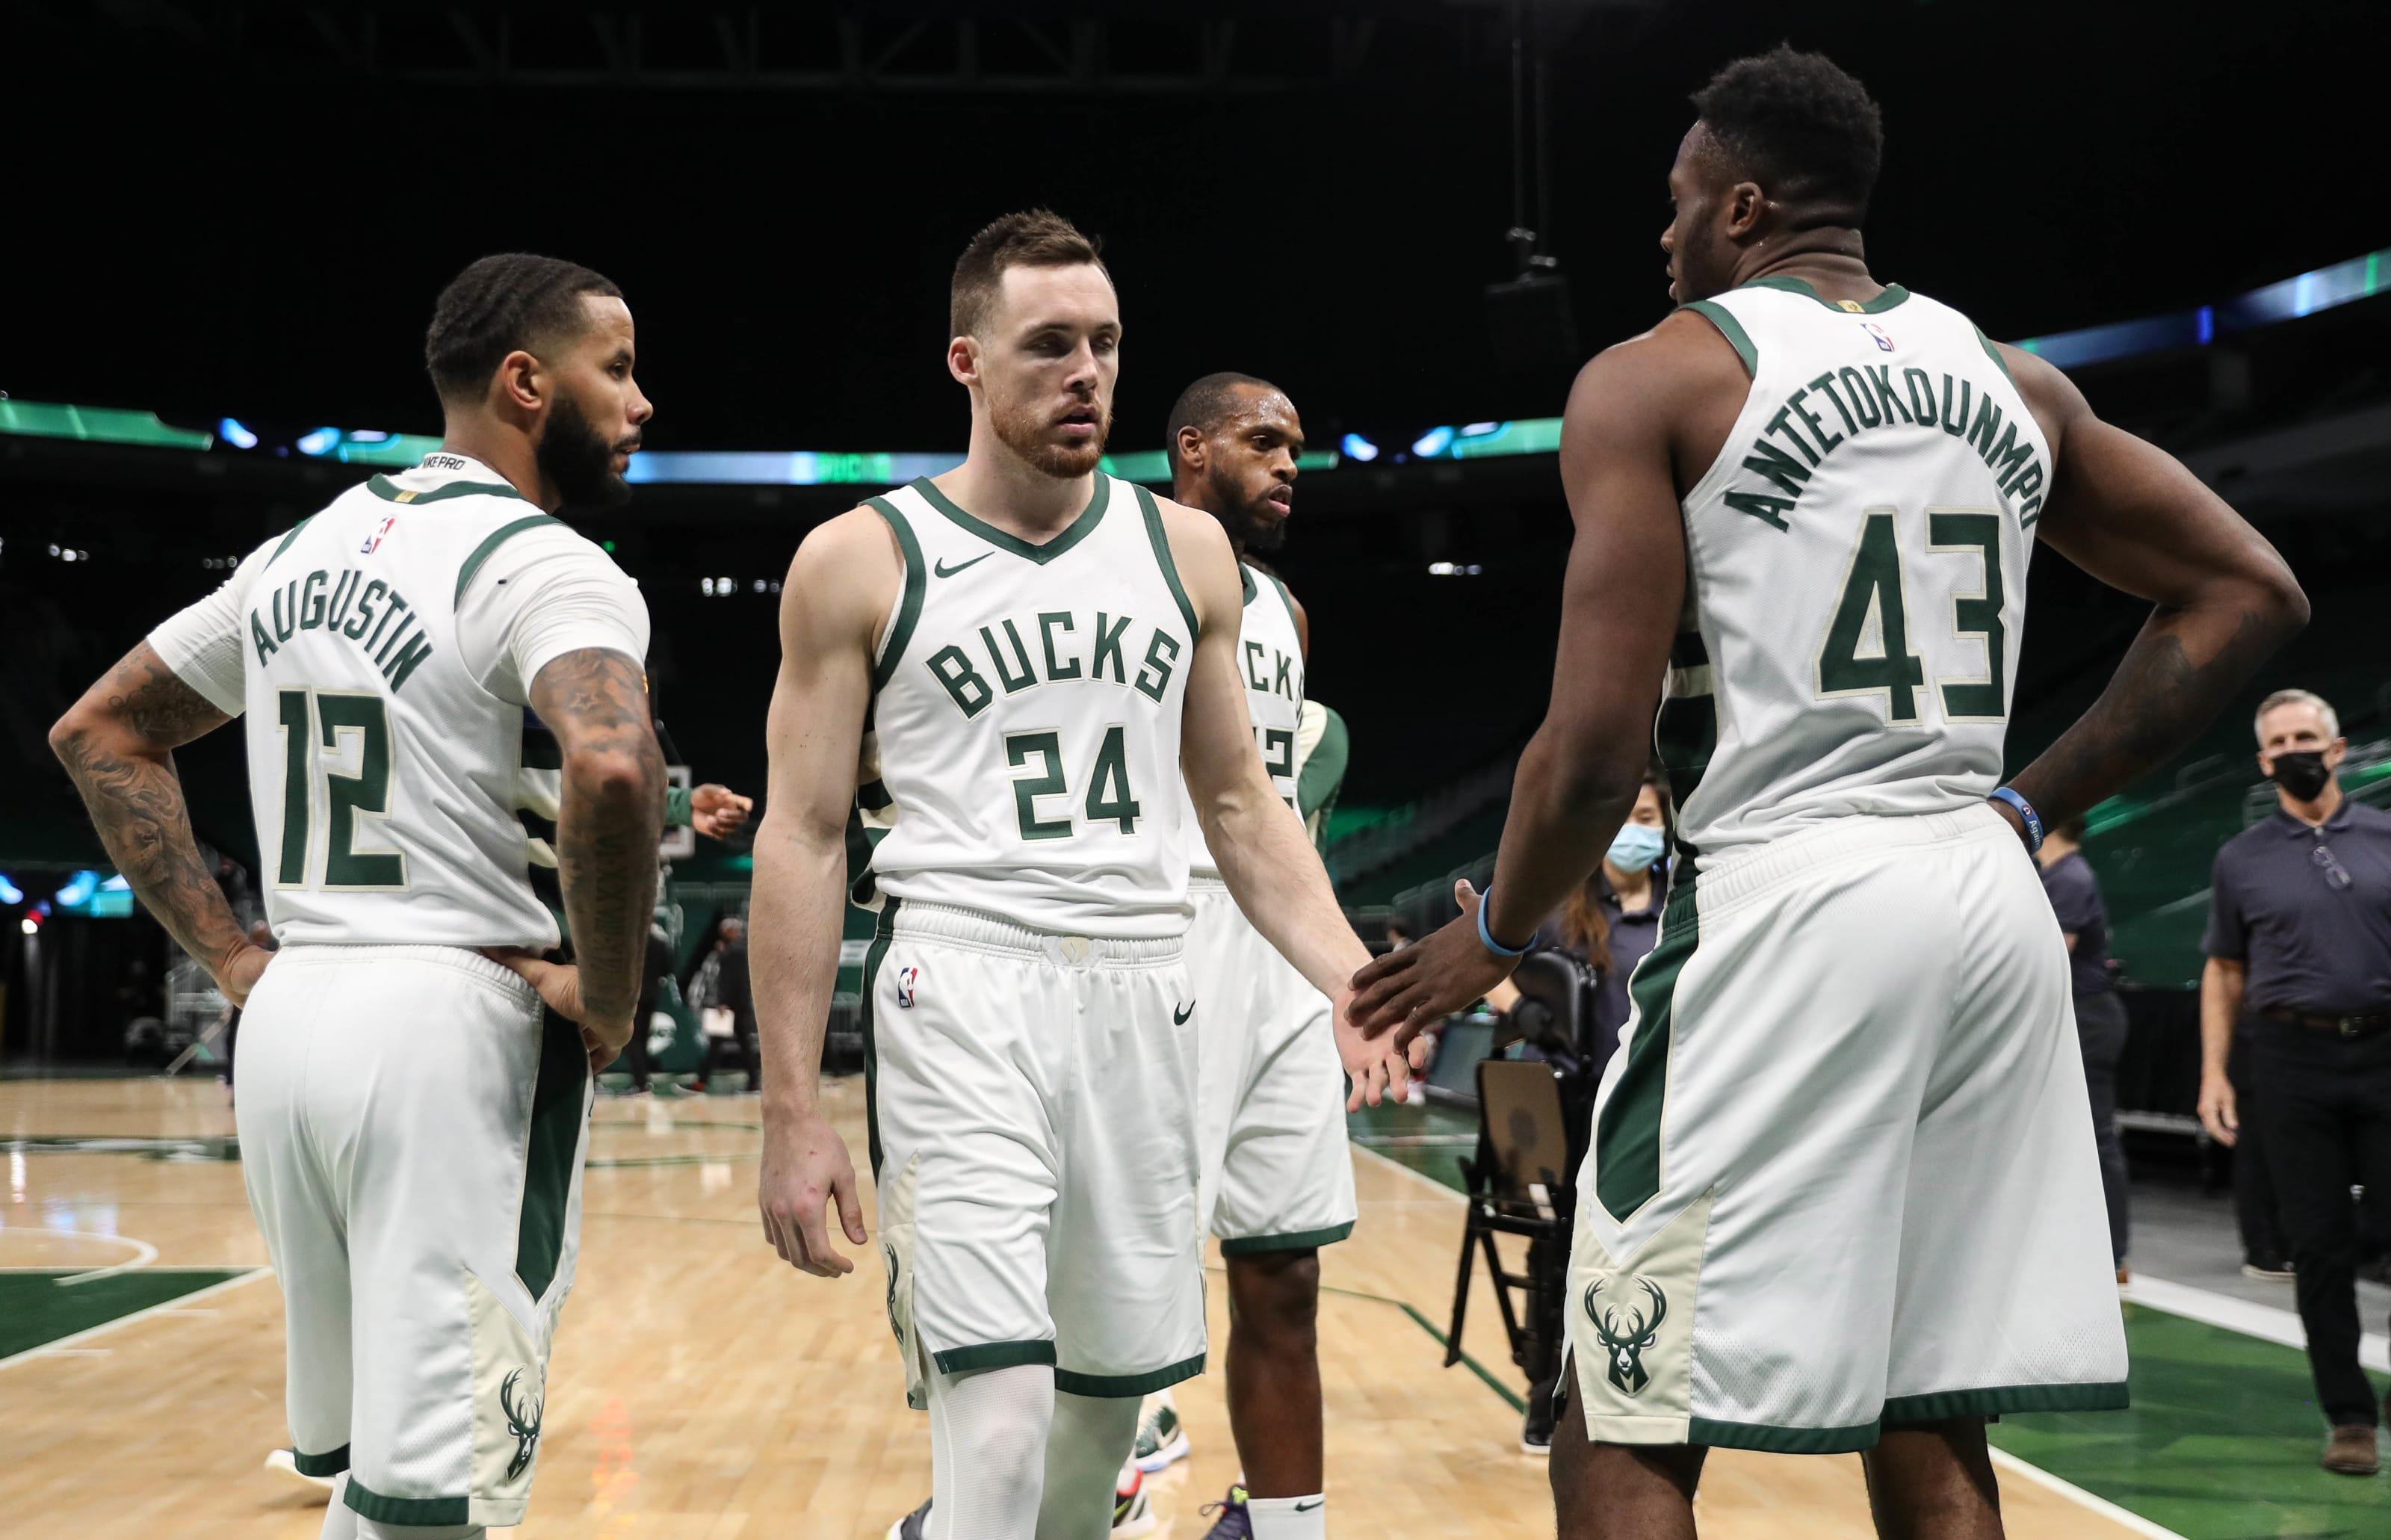 Milwaukee Bucks: D.J. Augustin, Pat Connaughton, Khris Middleton, Thanasis Antetokounmpo